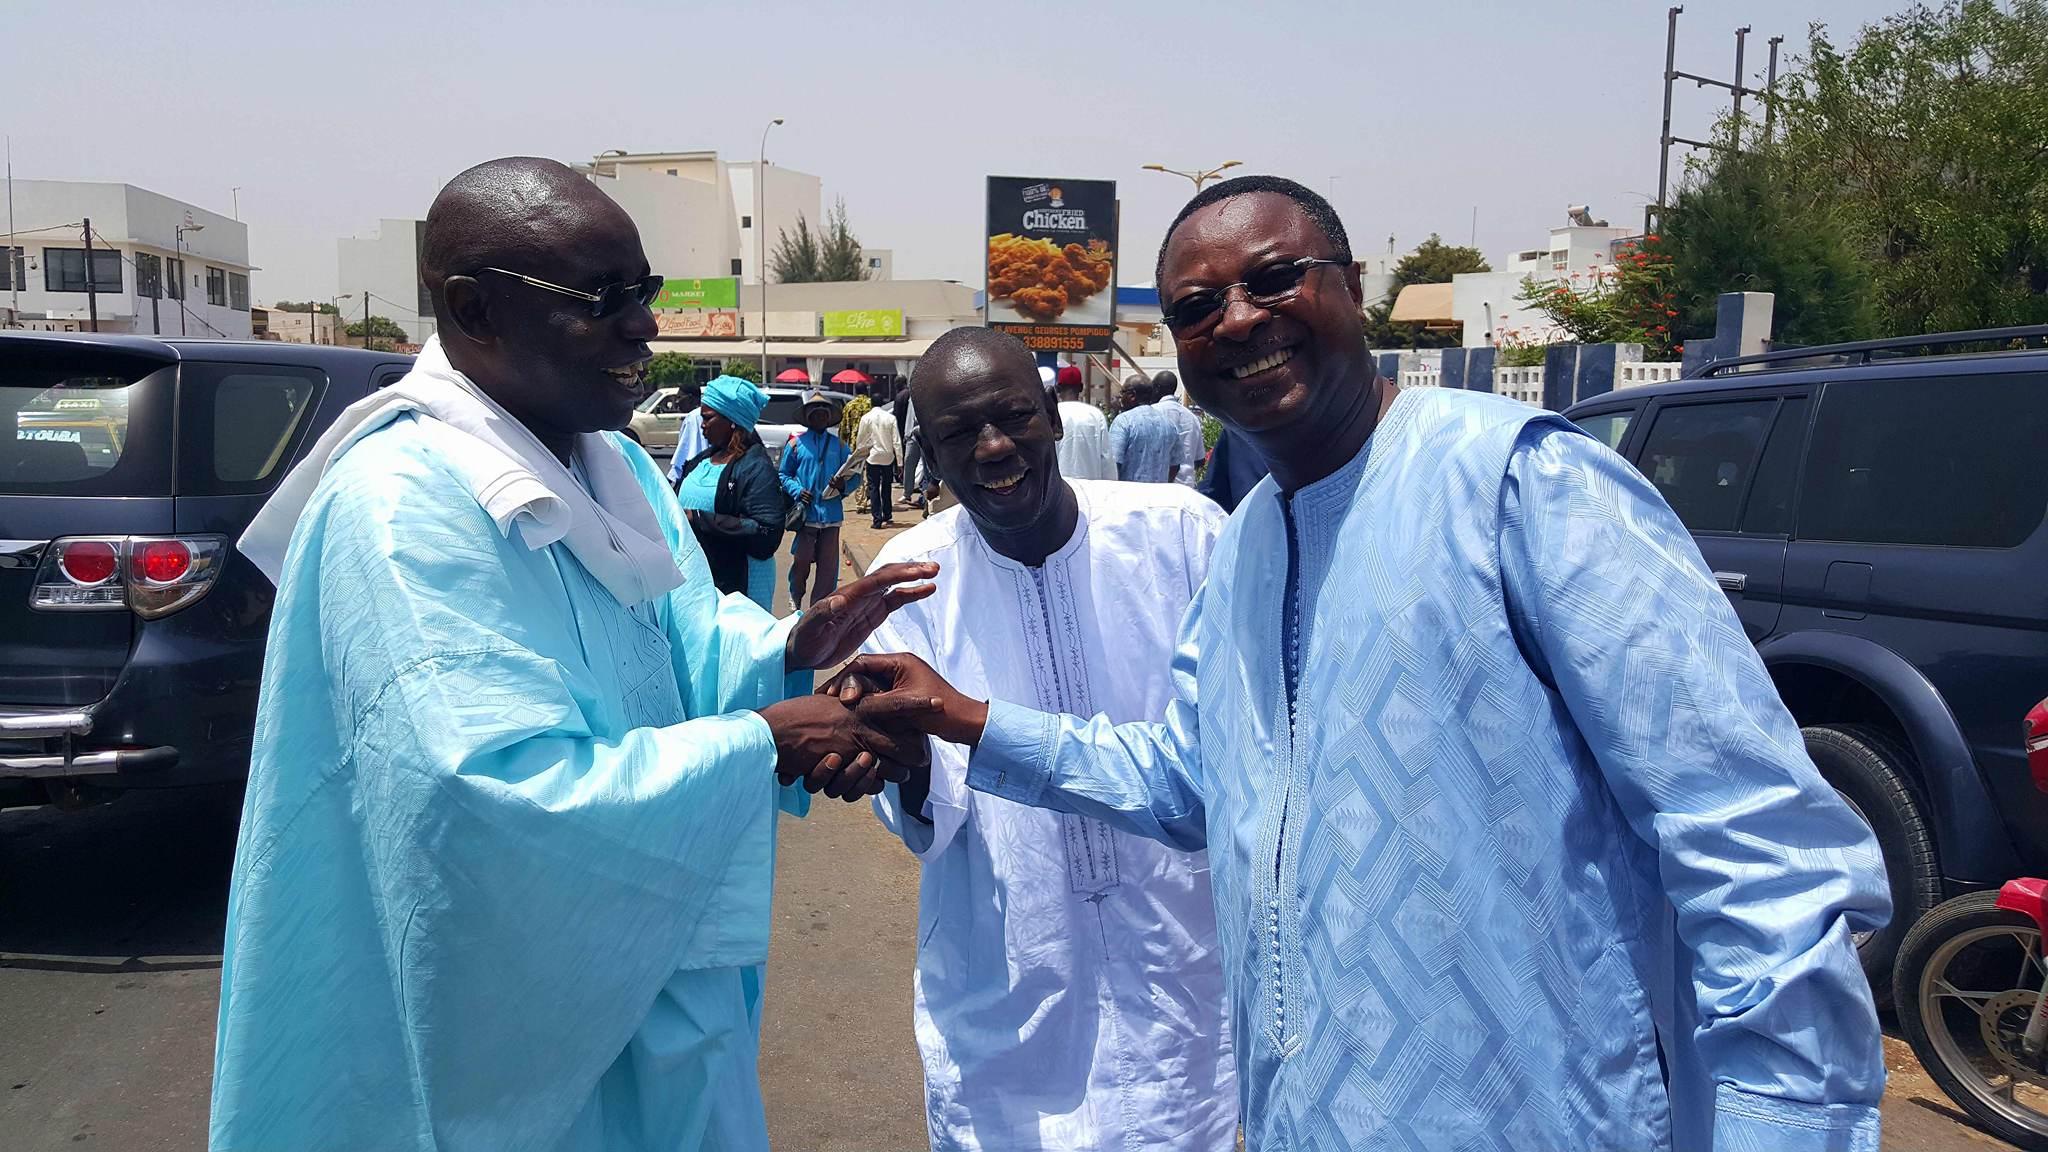 """Arrêt sur image! Quand trois """"talibés"""" de Serigne Saliou Mbacké se retrouvent!"""